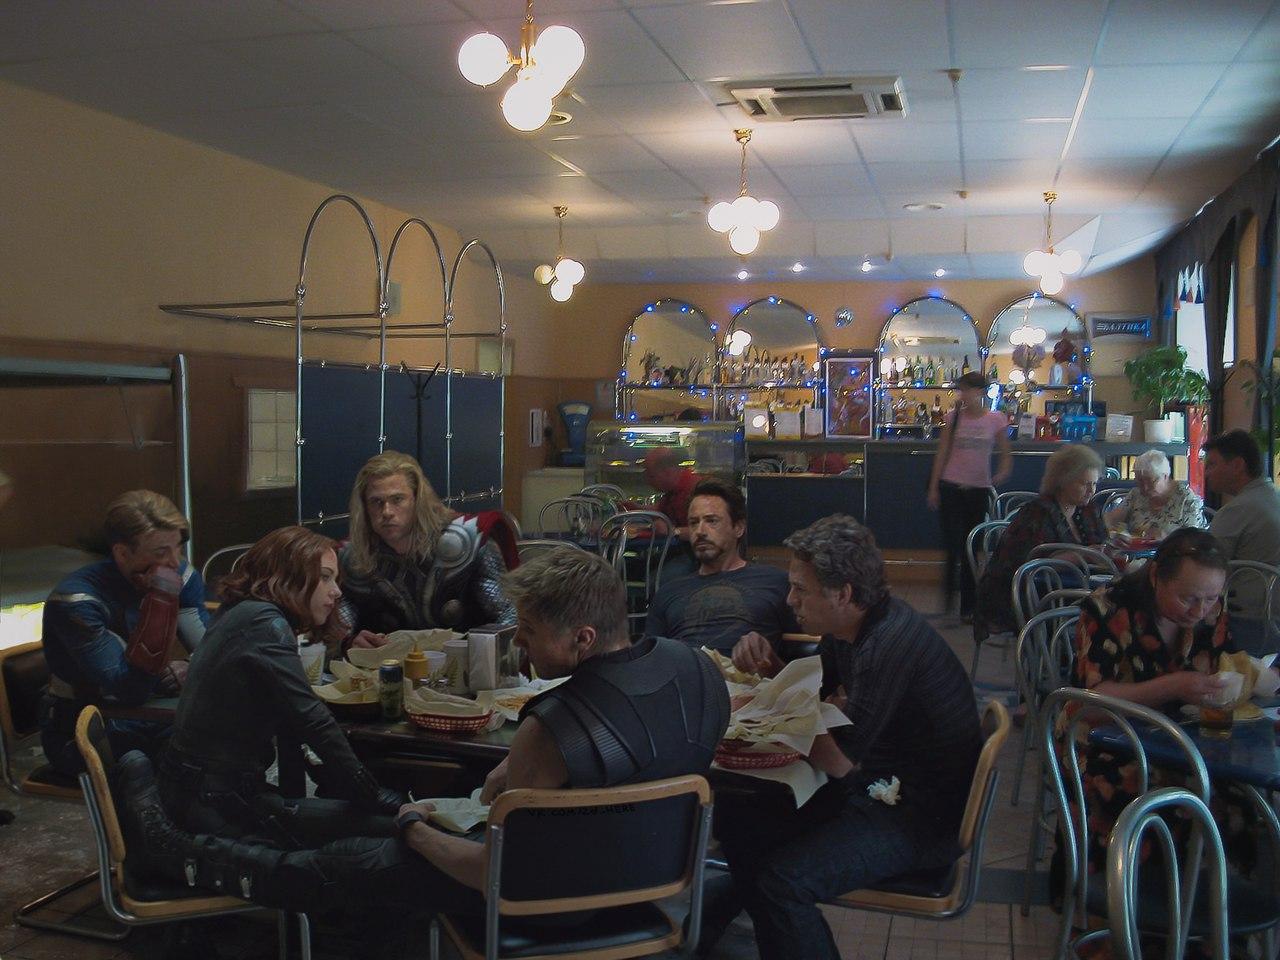 Мстители отомстили и сели перекусить в придорожном кафе.